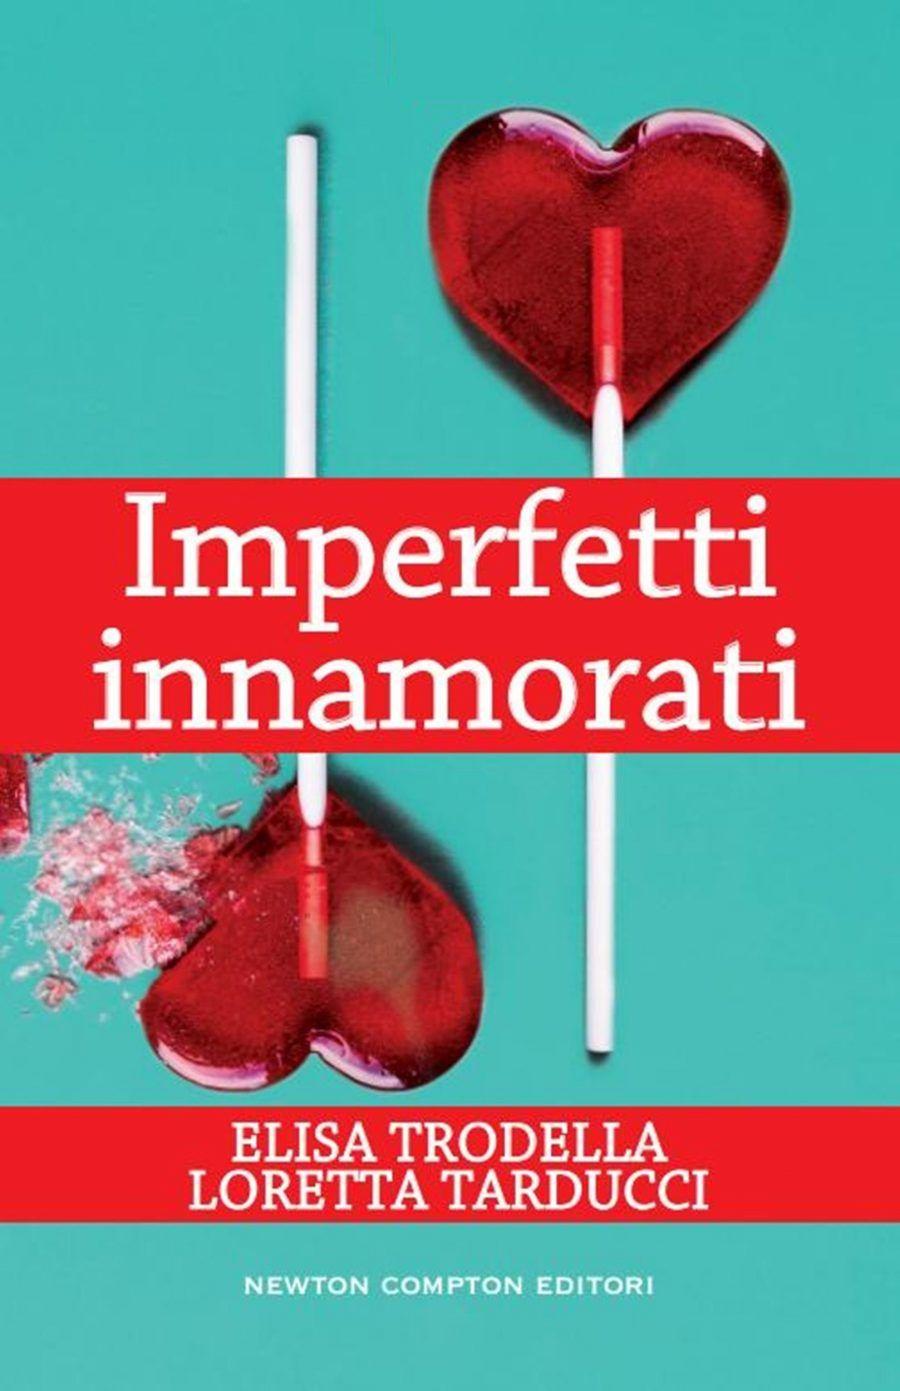 Imperfetti innamorati di Elisa Trodella e Loretta Tarducci